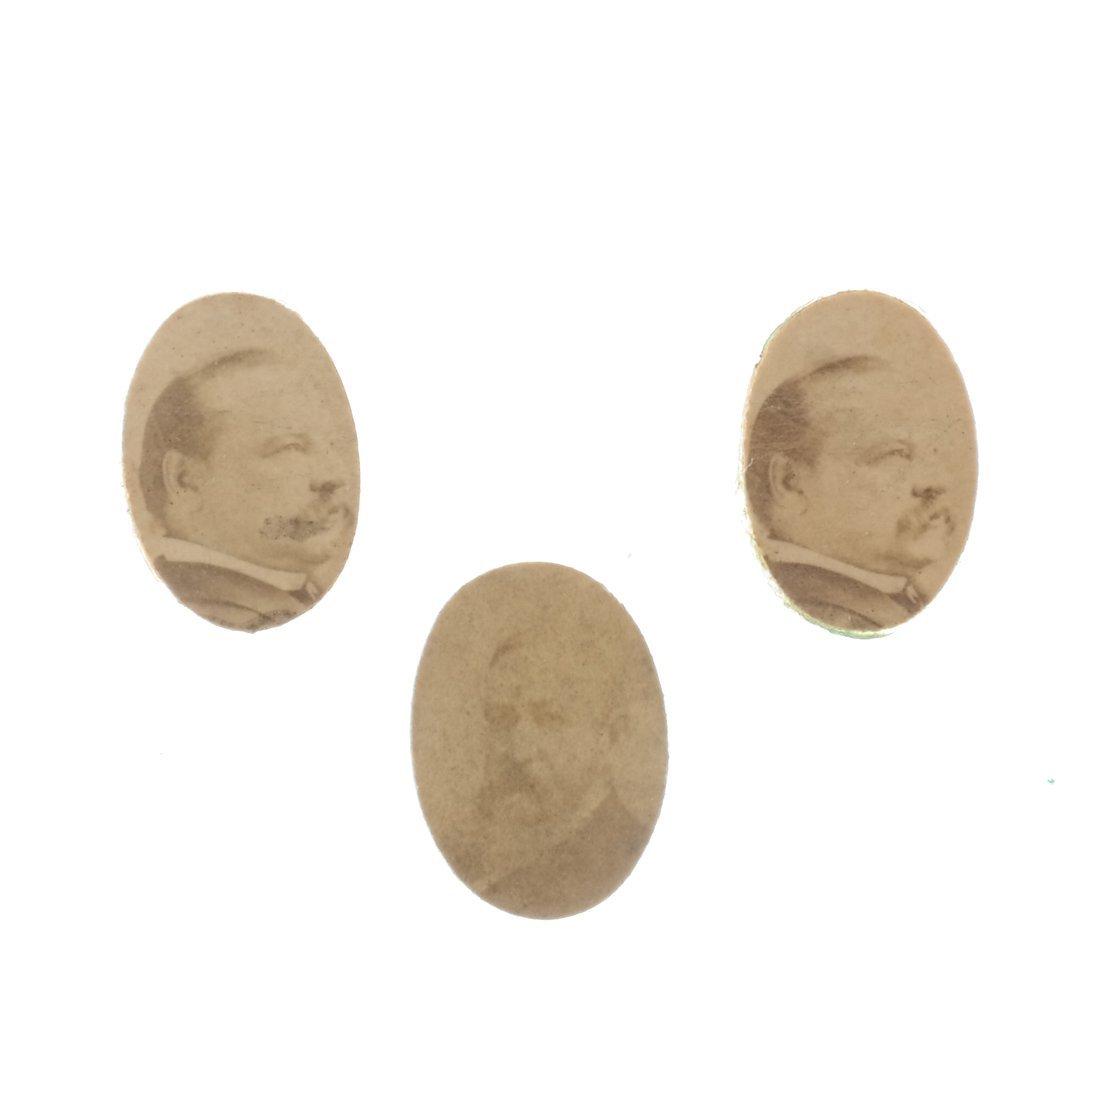 Miscellaneous 1892 Albumen Prints & Badges - 4